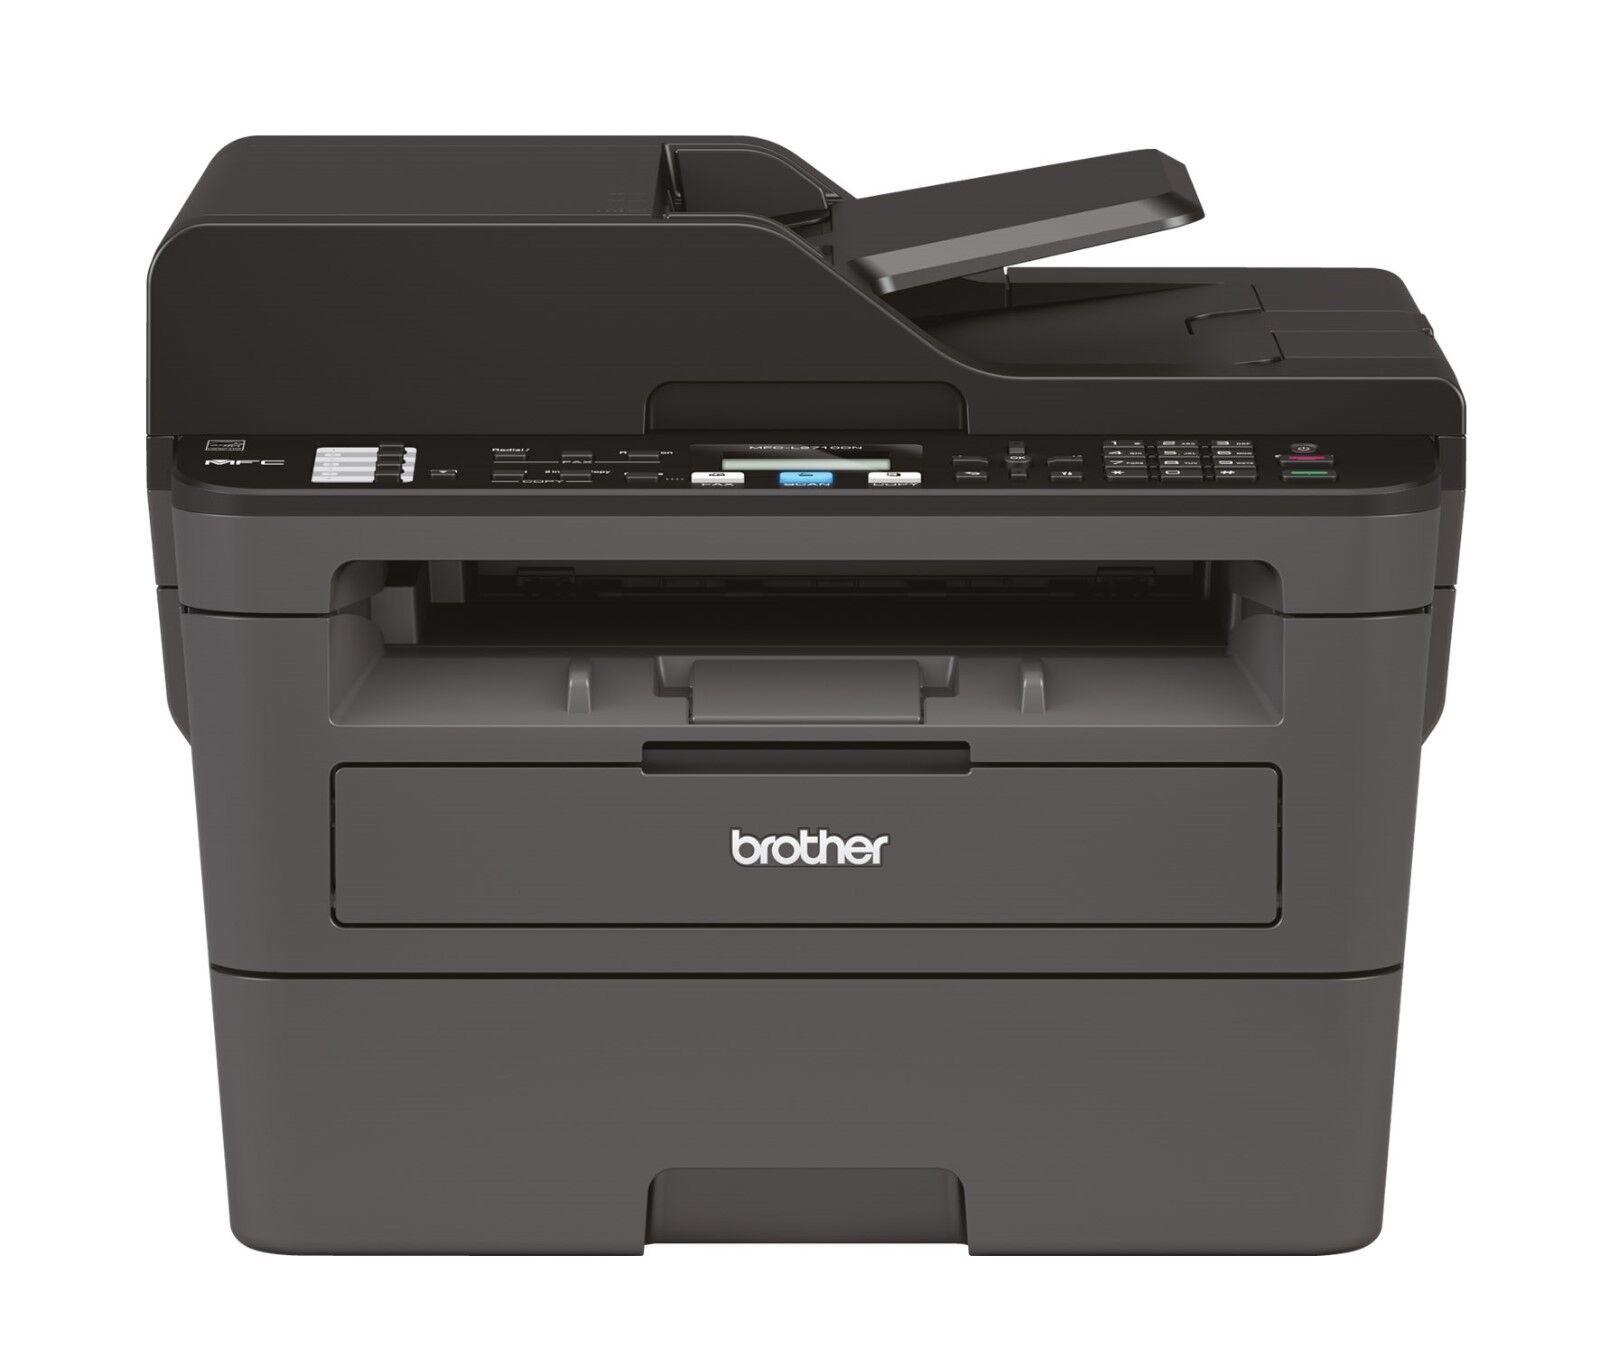 Brother MFC-L2710DN Laser-Multifunktionsdrucker s/w A4 4in1 Fax Duplex Netzwerk